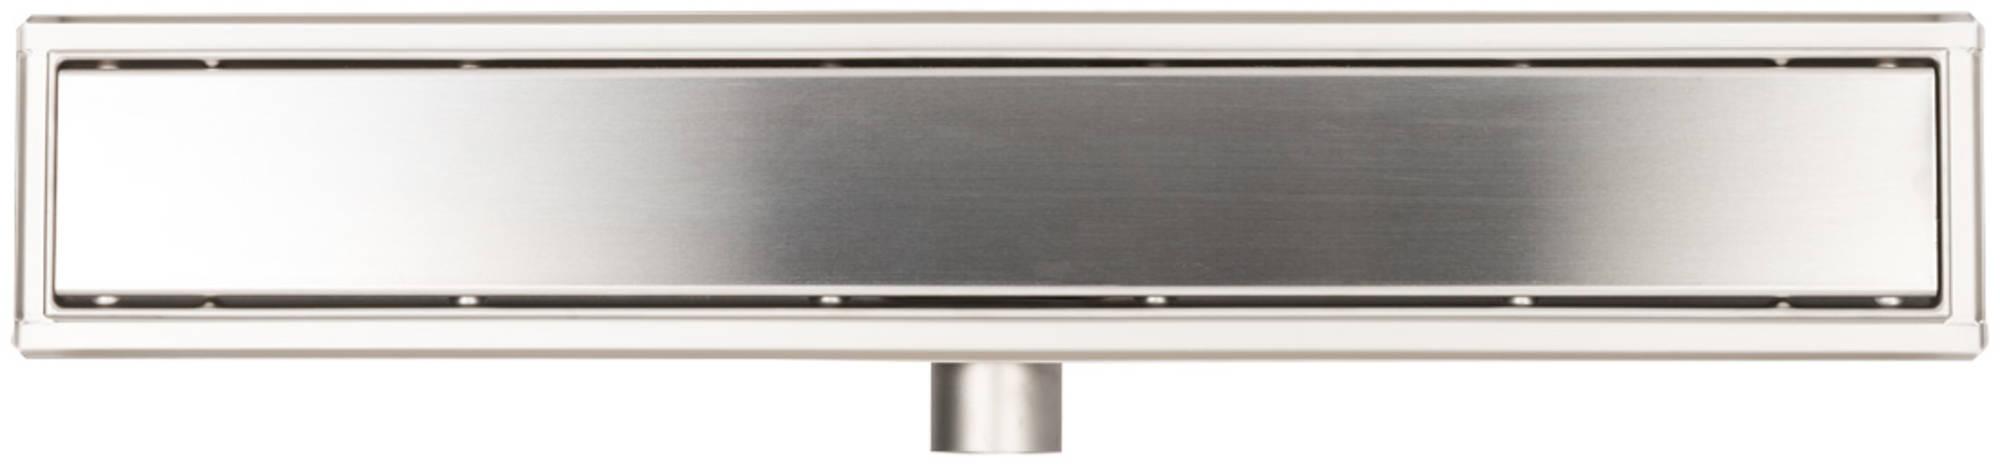 Ben Drain Complete douchegoot 60 cm RVS o40mm met dicht rooster